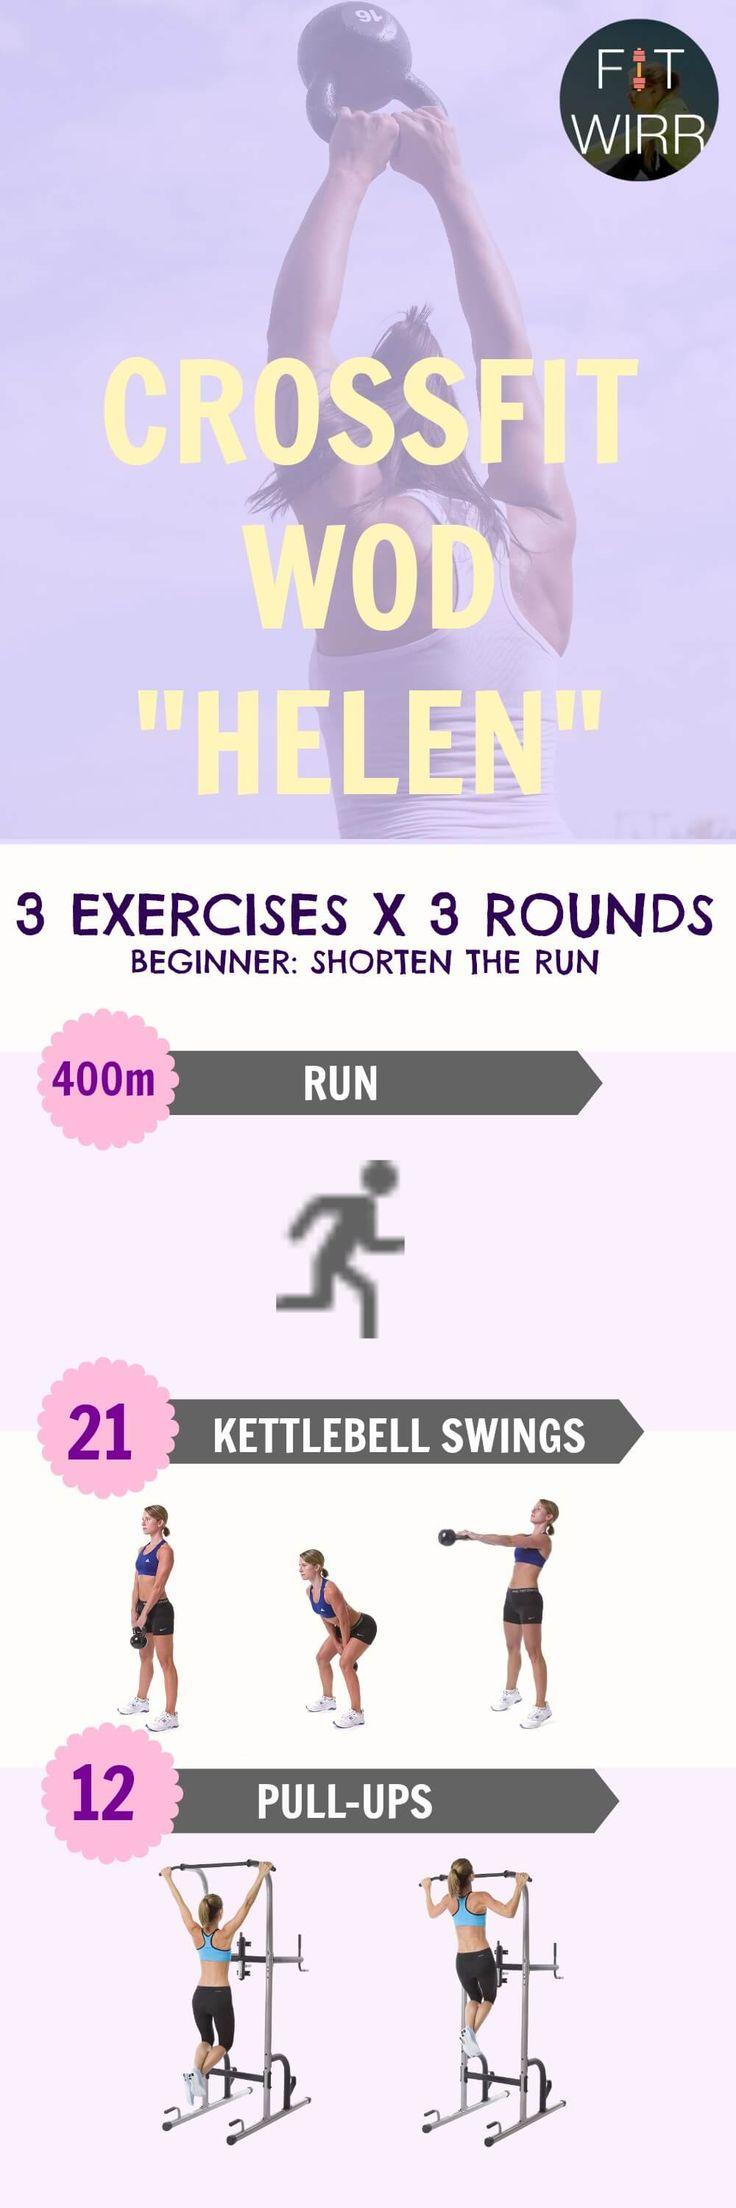 CrossFit Helen WOD